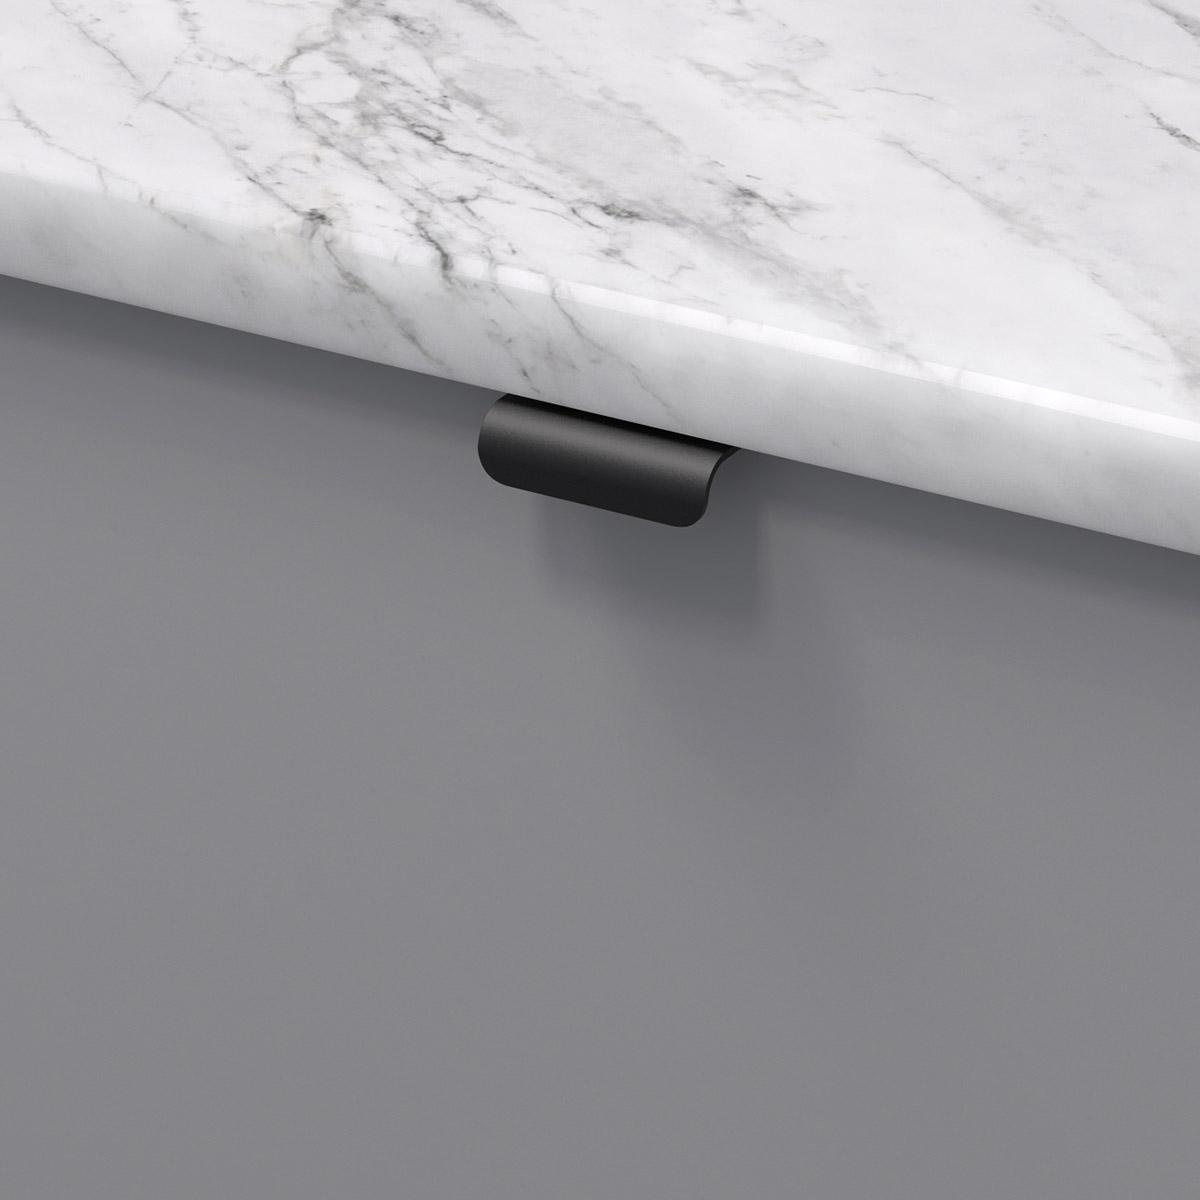 Profilhandtag lip svart 343454 11 40 mm ncs s 4500 n marmor carrara